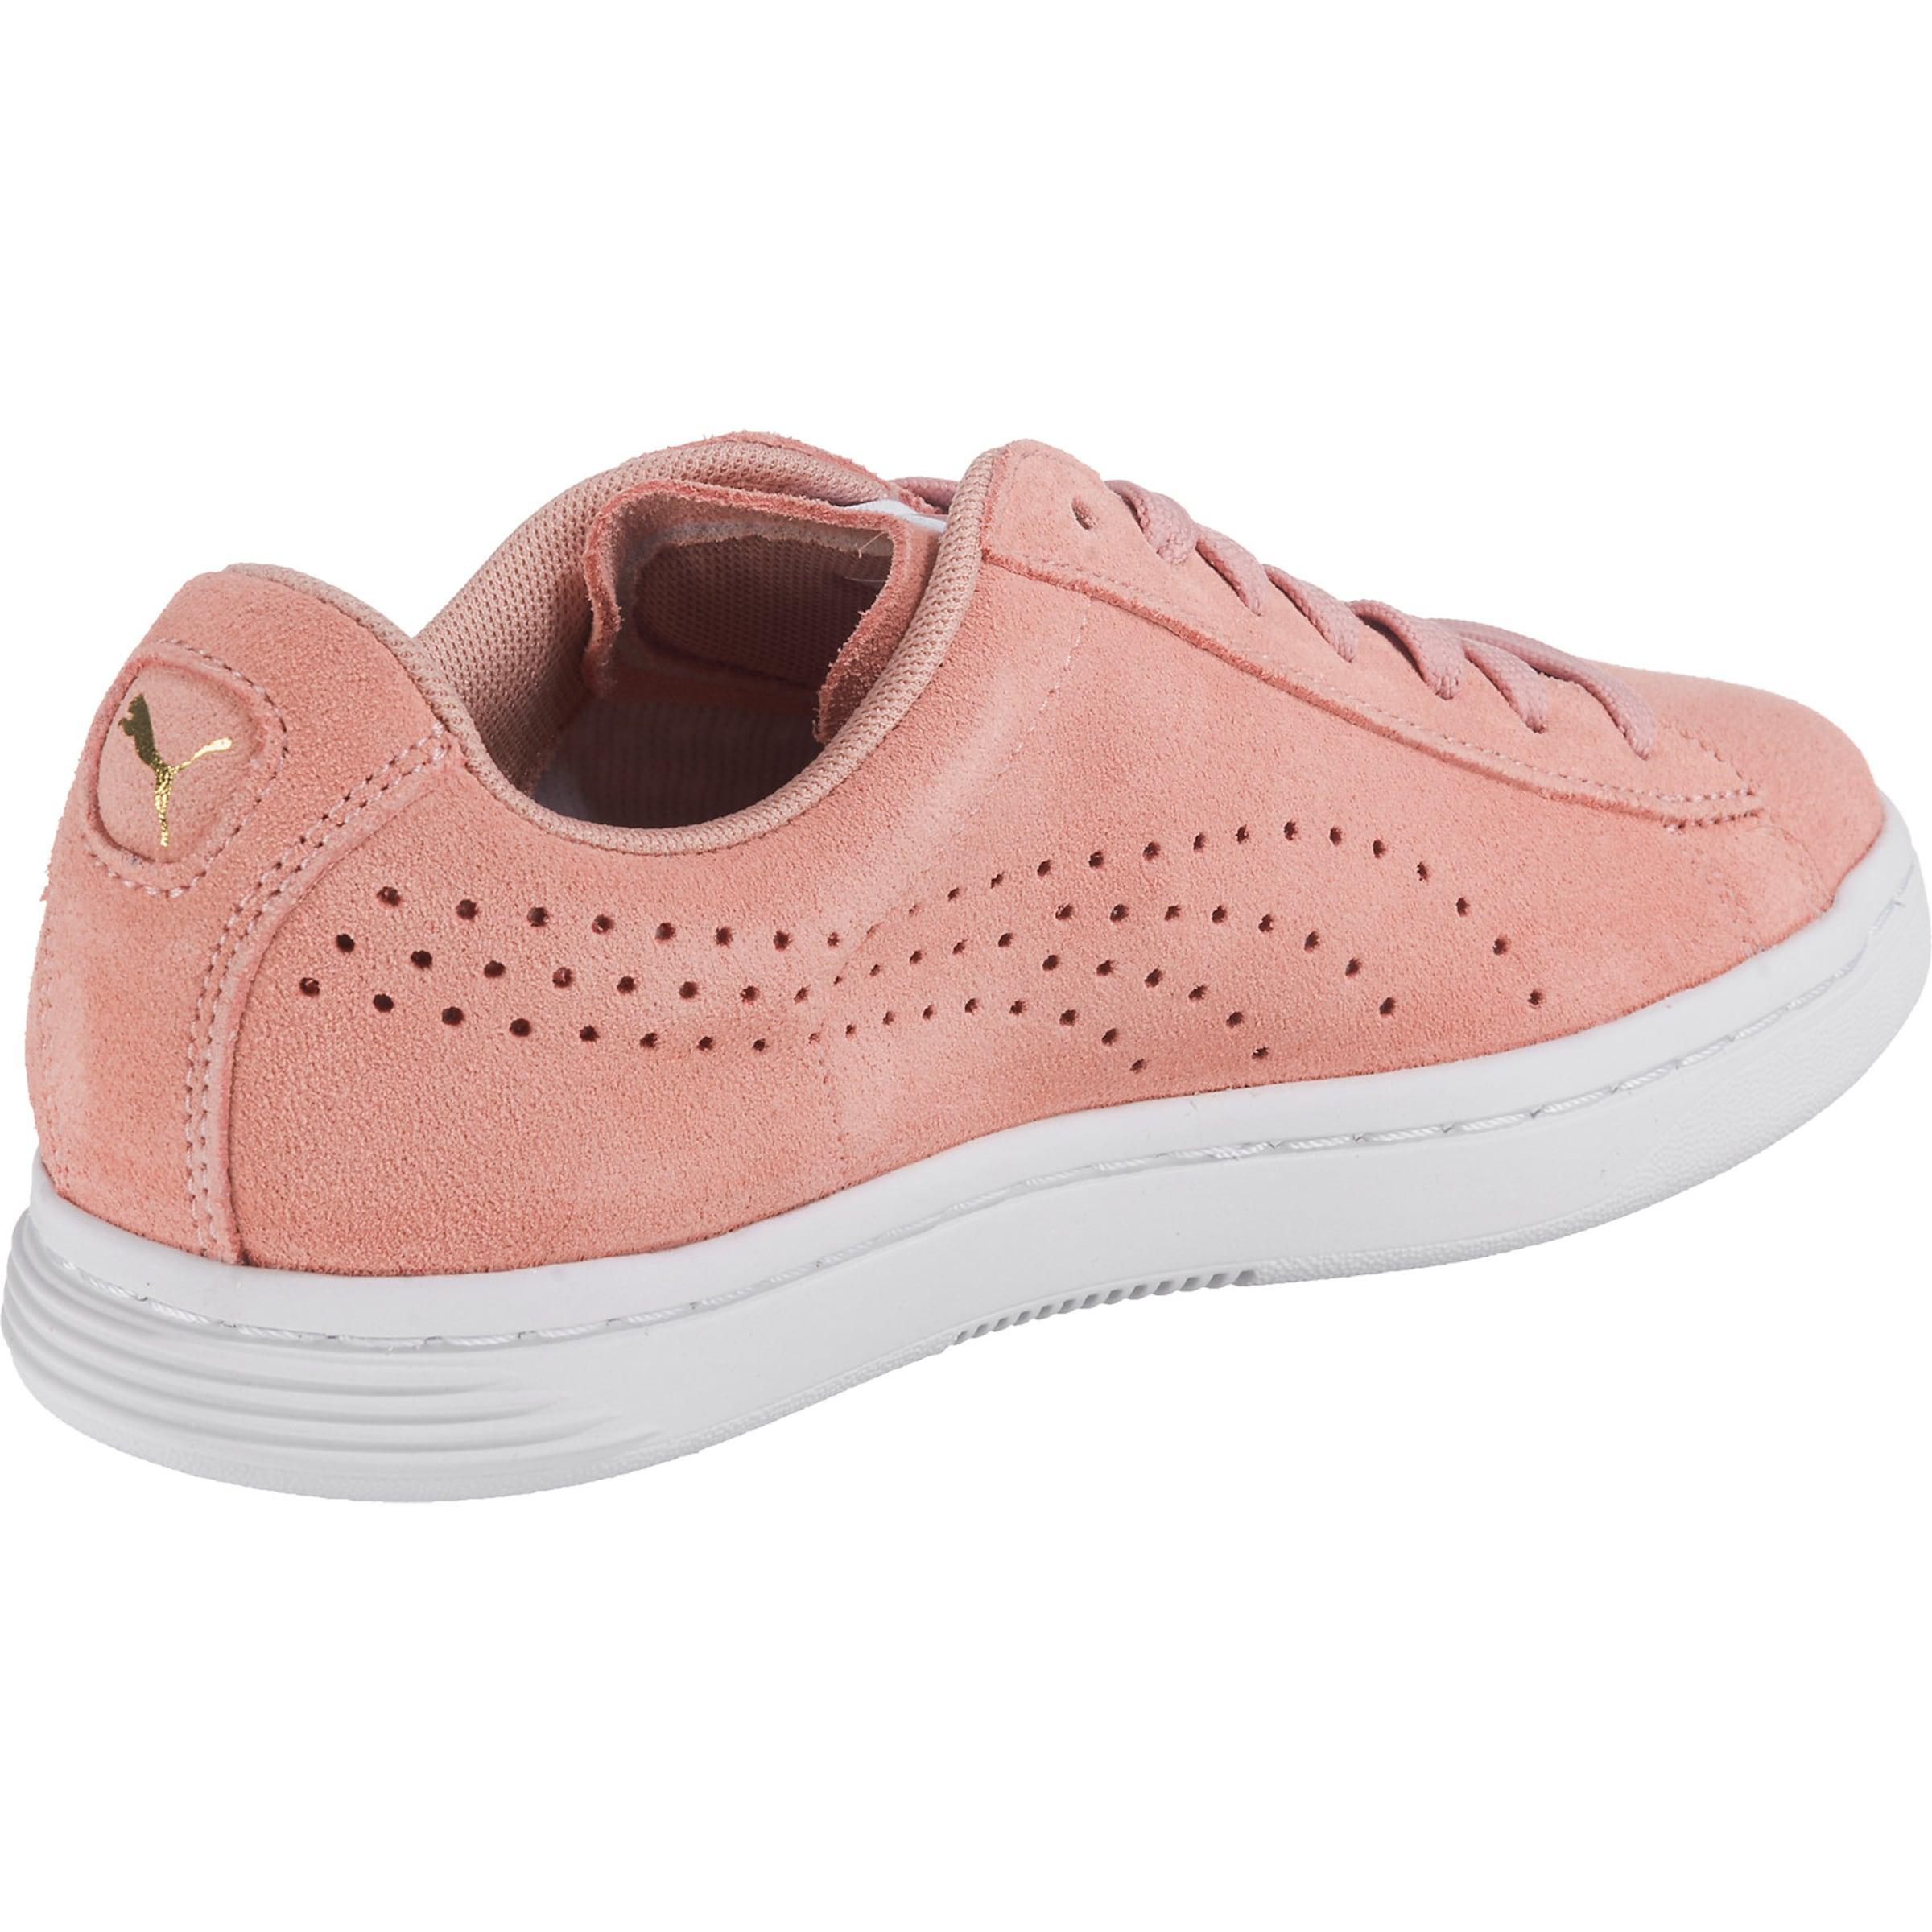 PUMA 'Court Star Suede' Sneakers Low Rabatt Neue Ankunft 5veKK